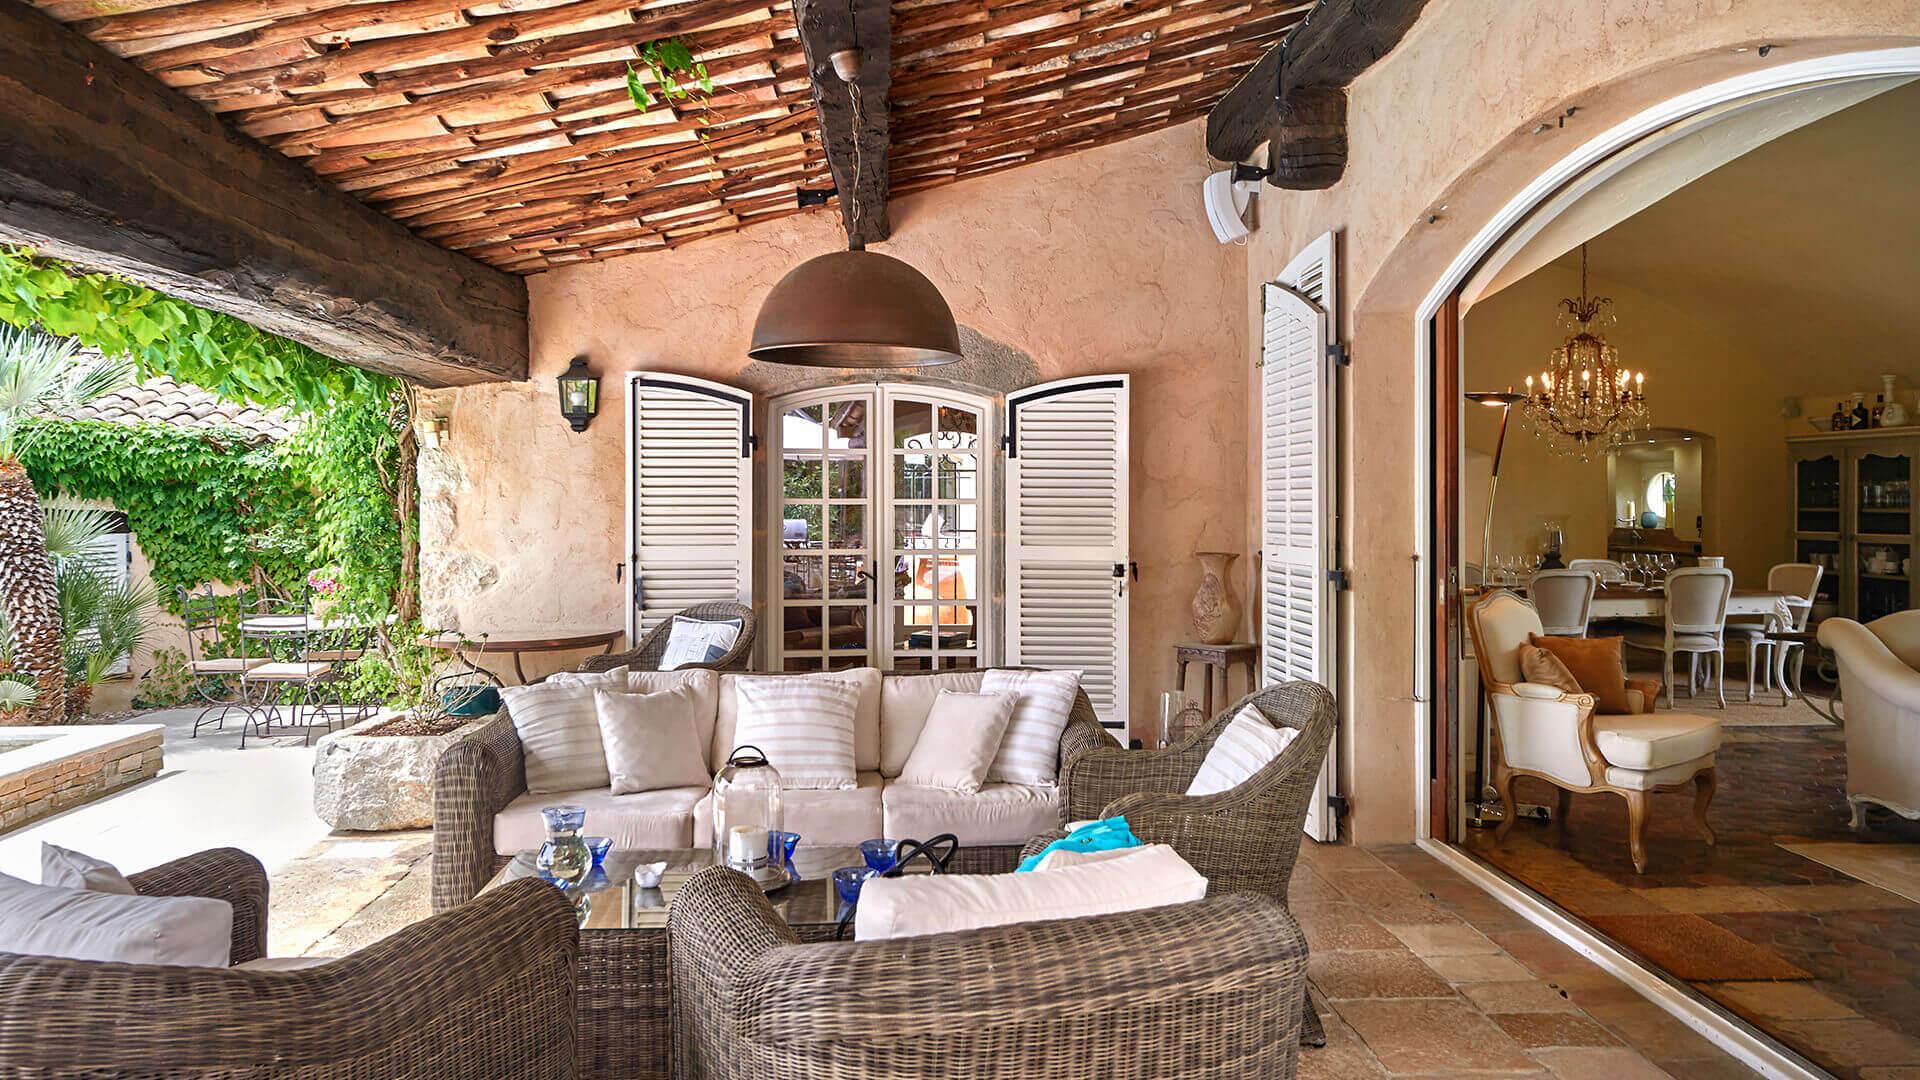 Bastide in Mougins veranda